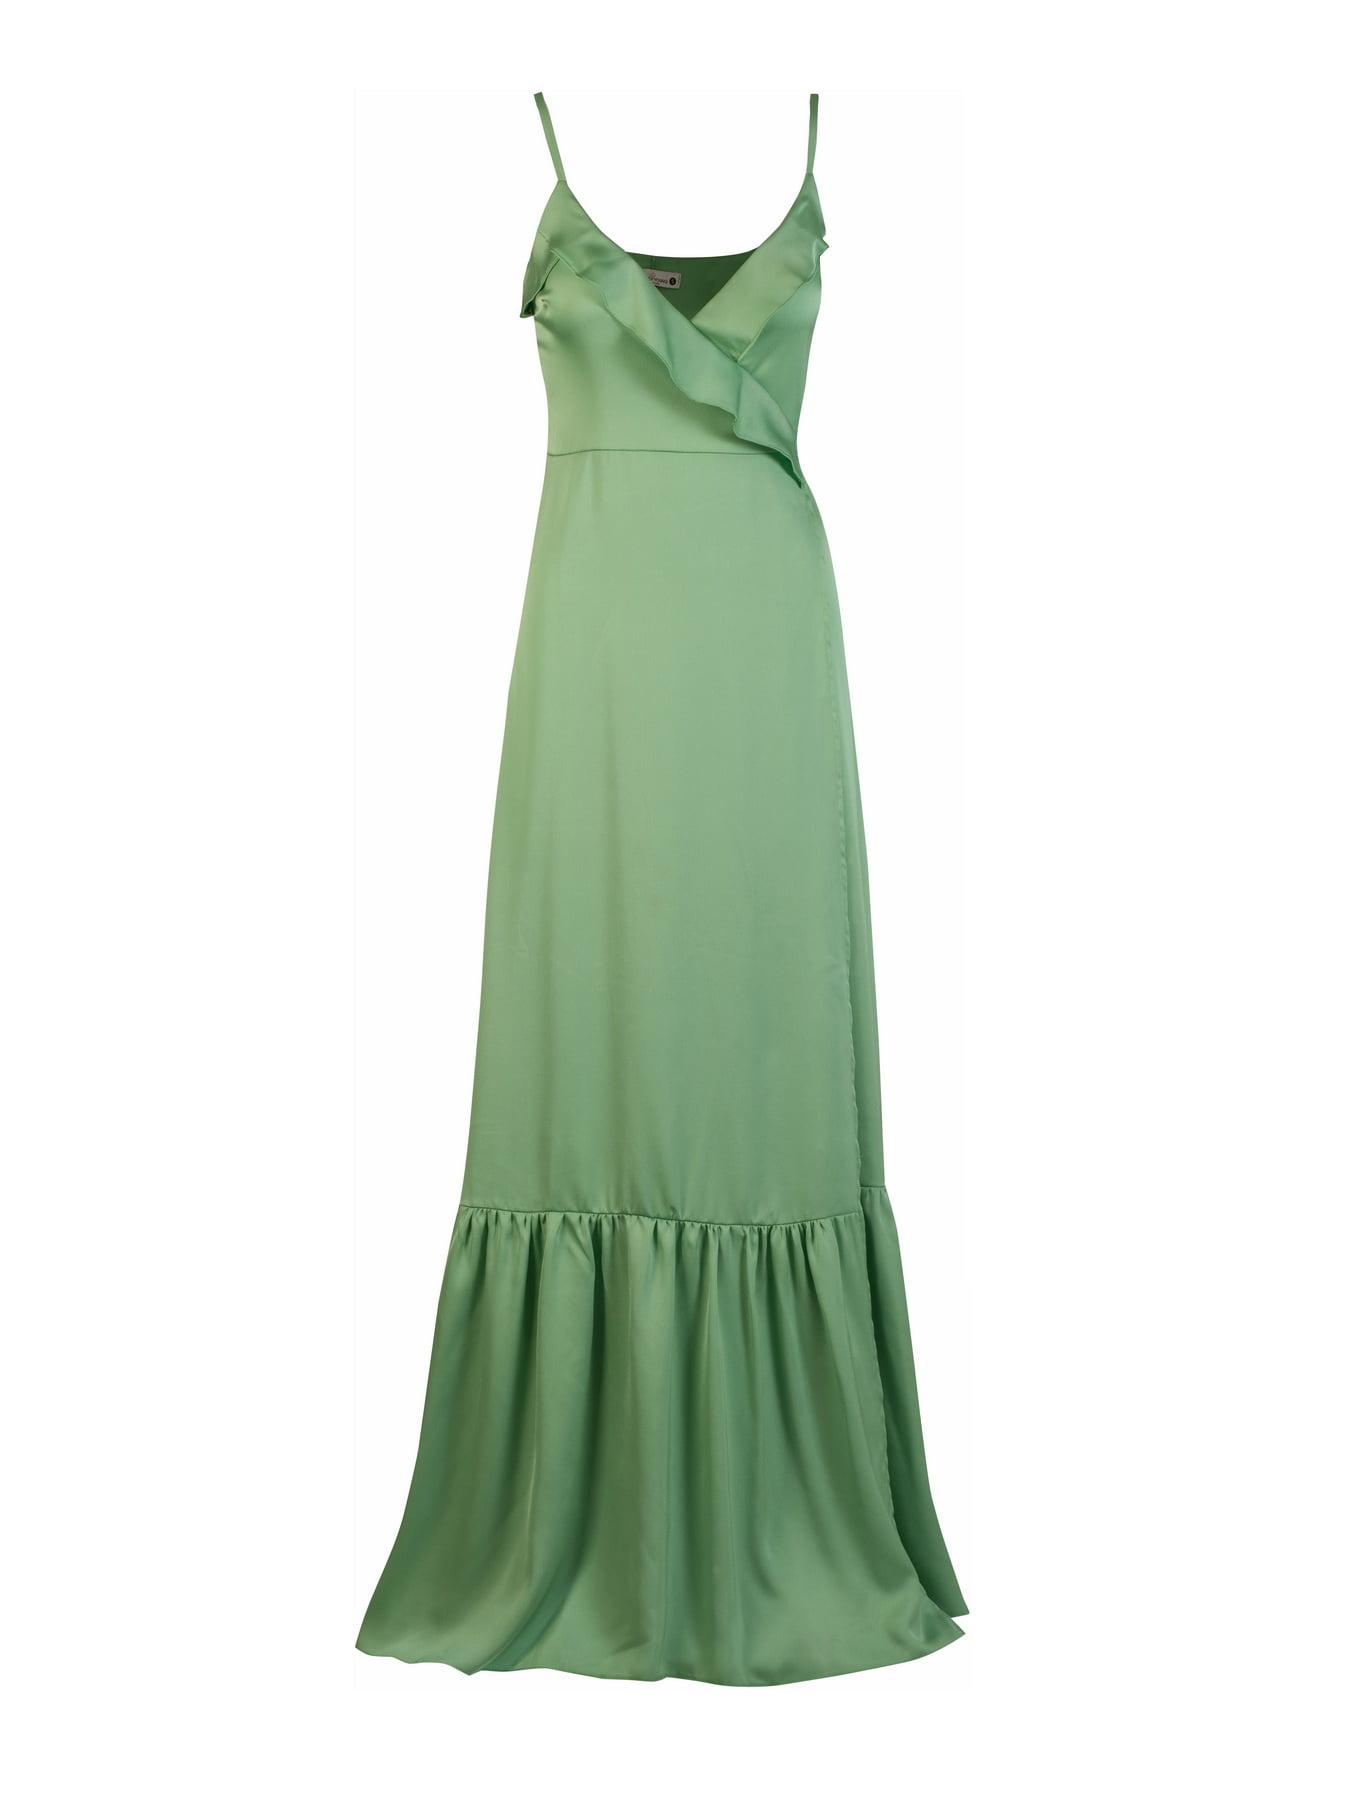 Camellia satin dress